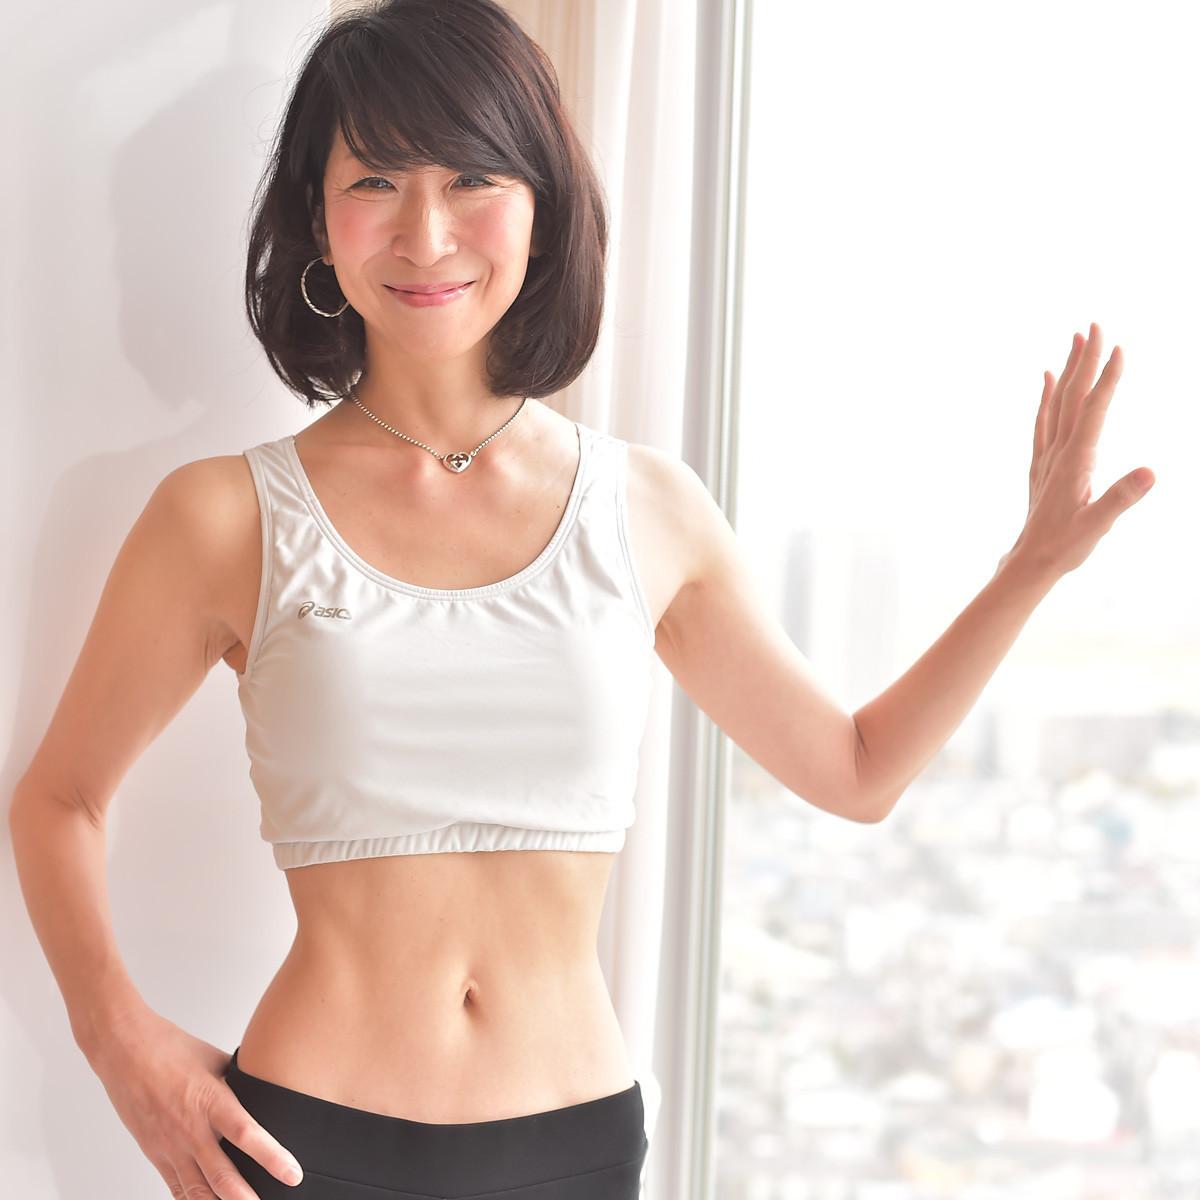 【本気で痩せたいあなたに】50代にして驚異のウエスト58cmをキープ! 健康運動指導士・植森美緒さん-1